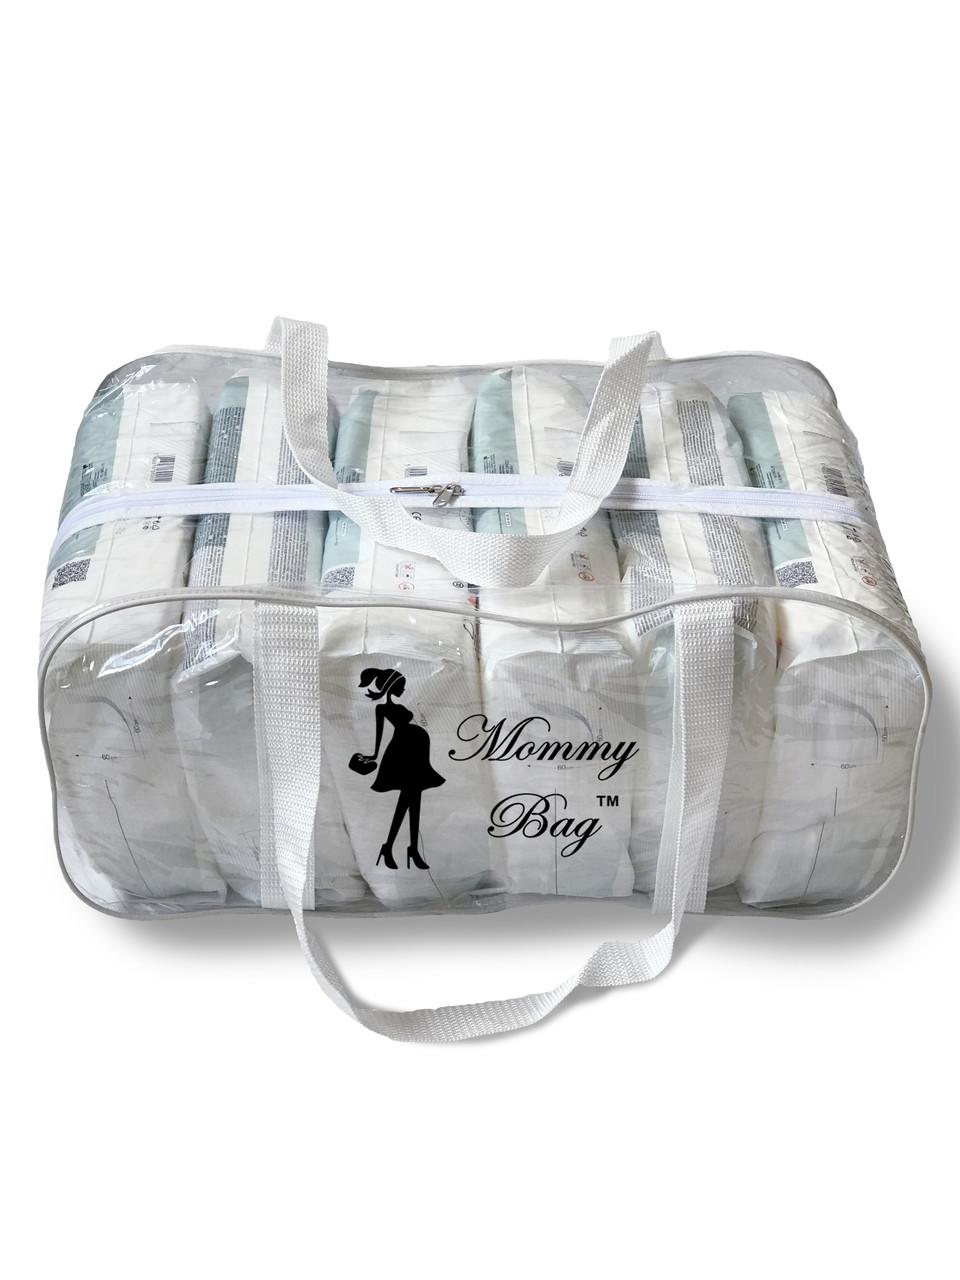 Сумка прозрачная в роддом Mommy Bag - L - 50*23*32 см Белая